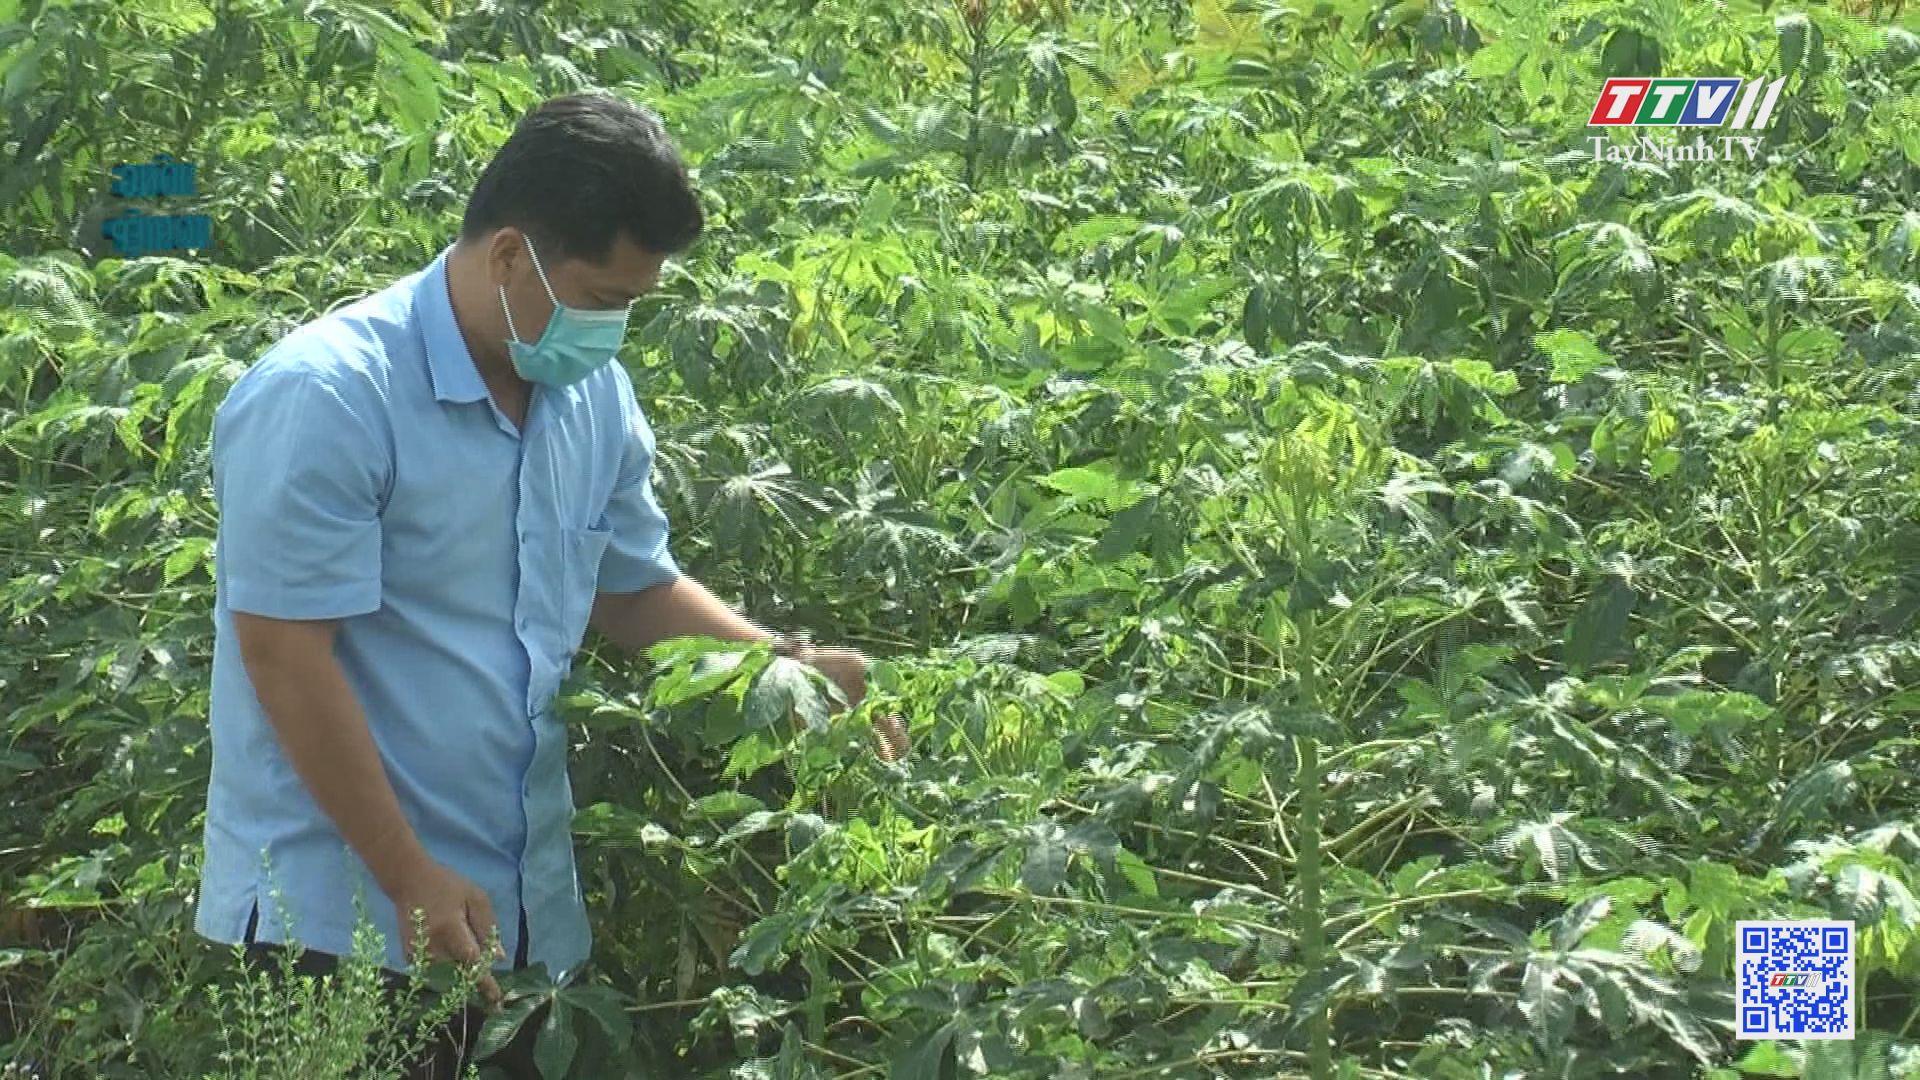 Thâm canh cây mì trên đất Phước Minh | NÔNG NGHIỆP TÂY NINH | TayNinhTV